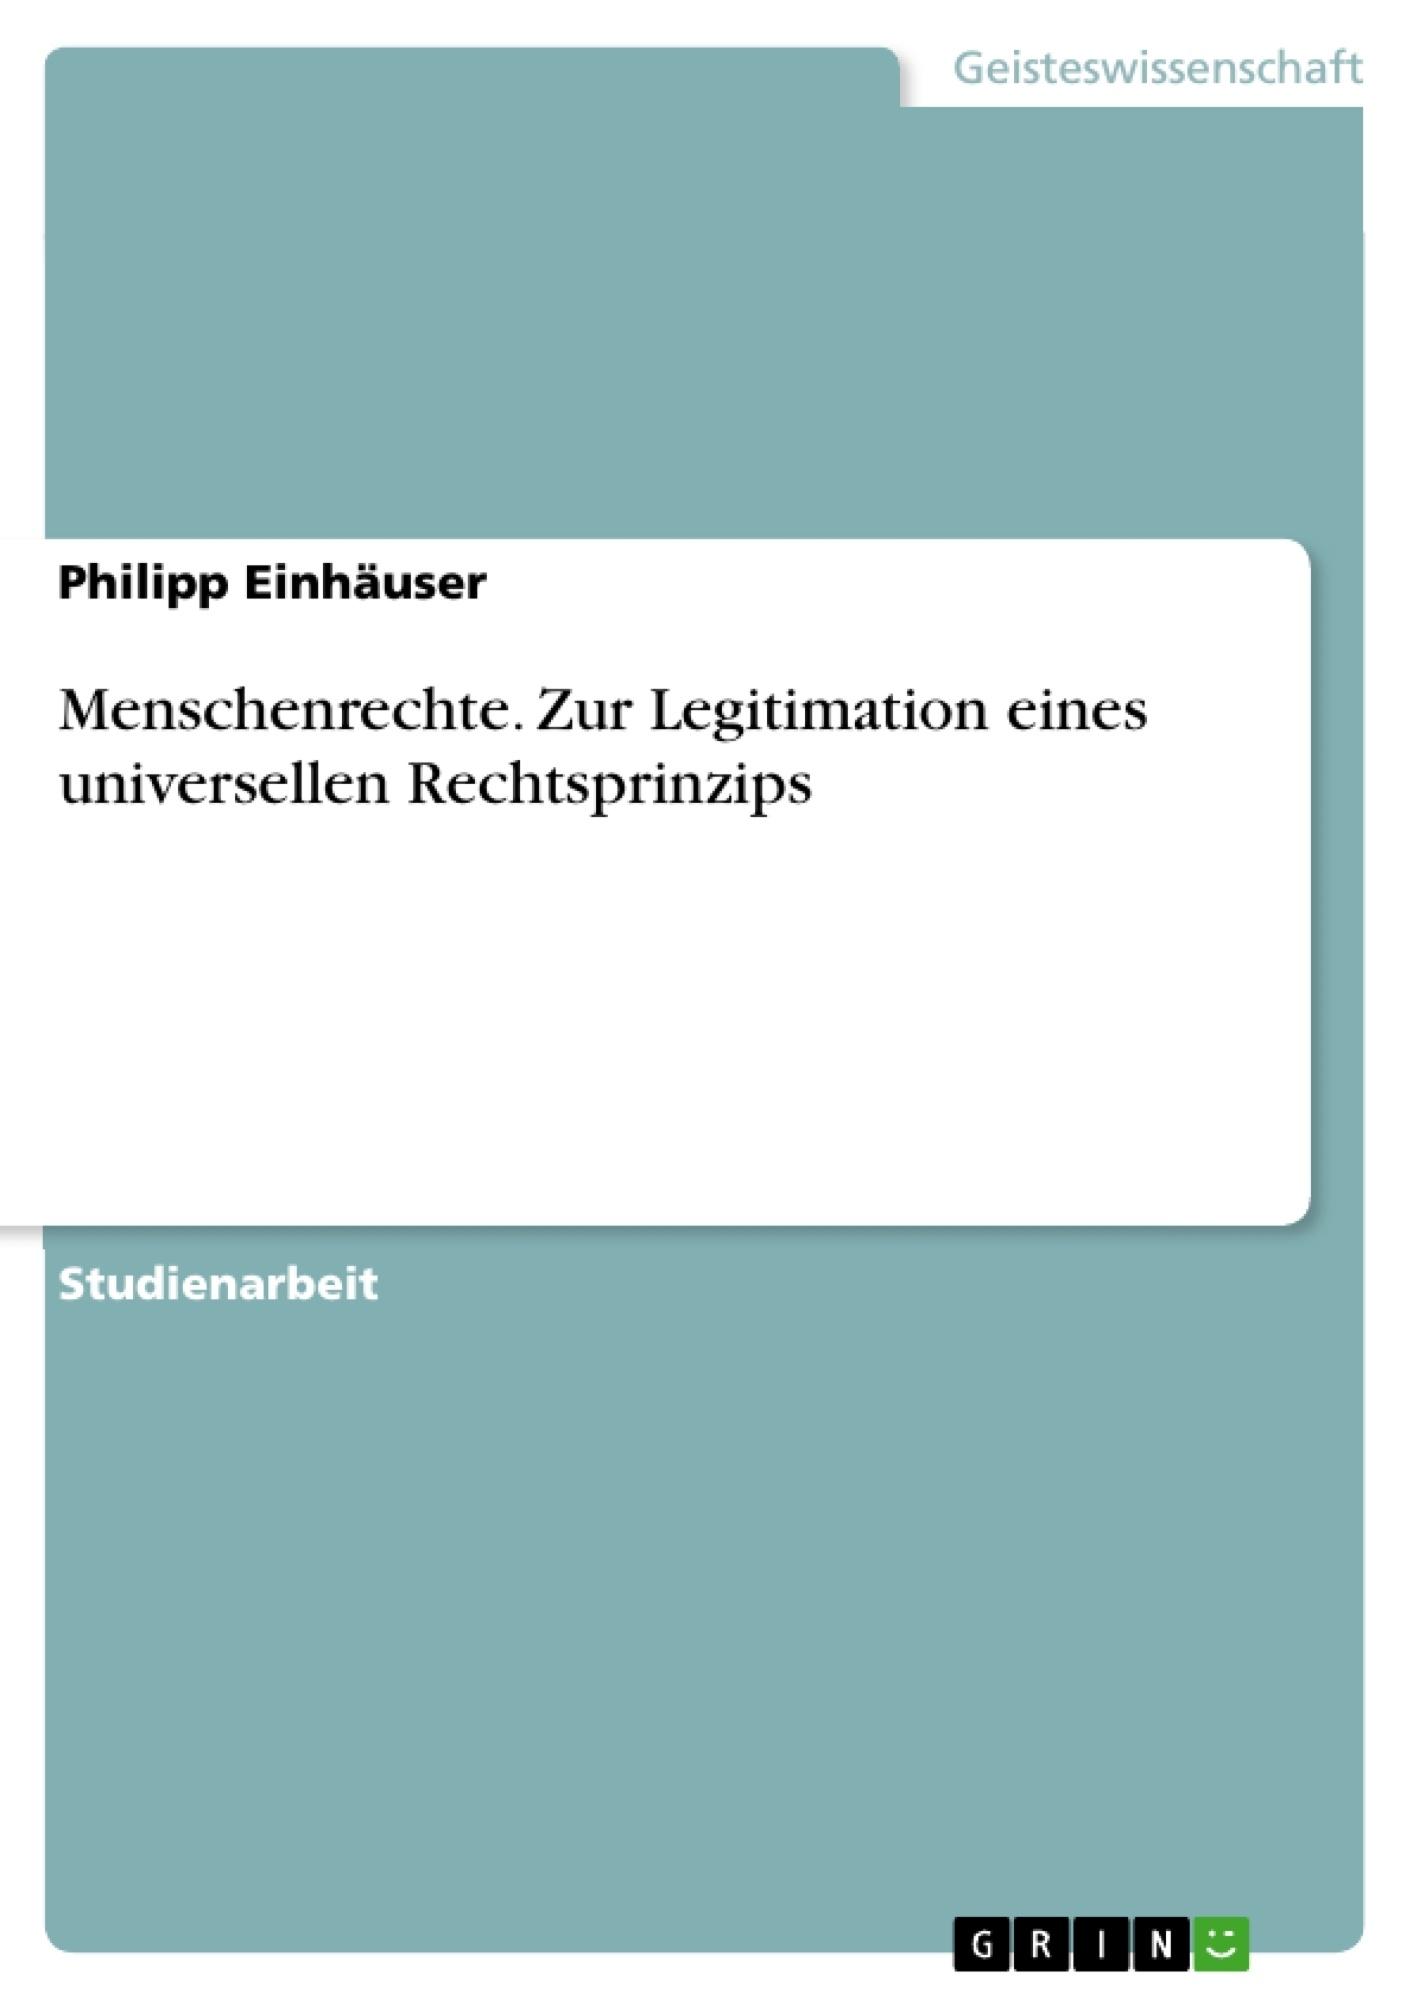 Titel: Menschenrechte. Zur Legitimation eines universellen Rechtsprinzips